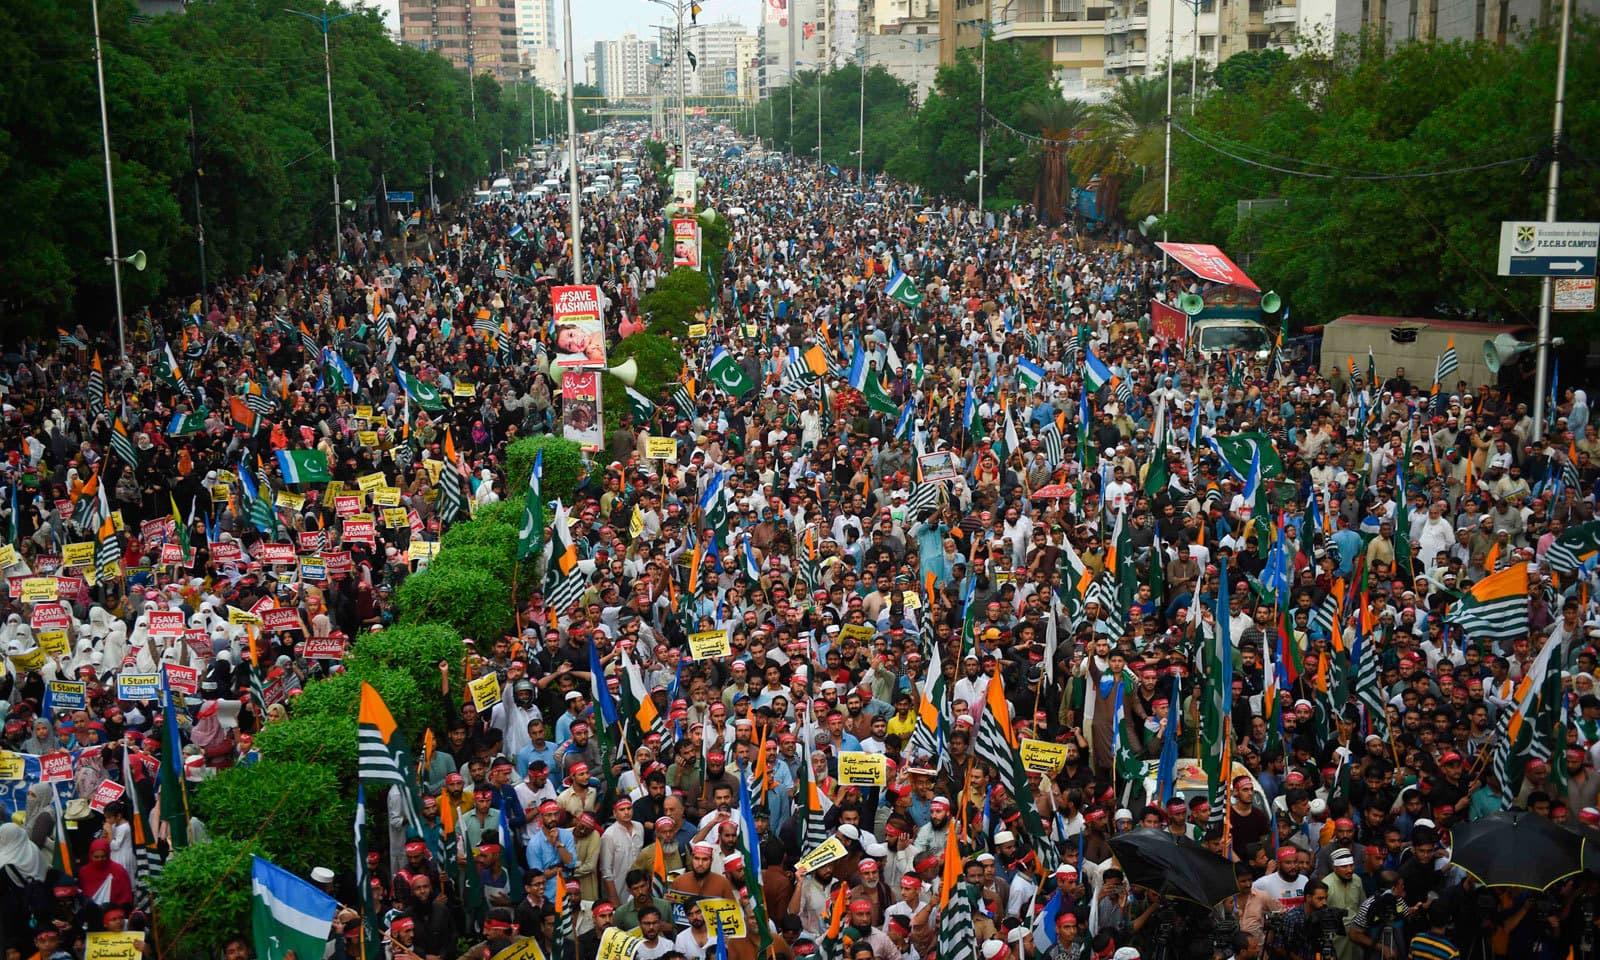 بھارت کے سنگین مظالم کے خلاف شاہراہ فیصل پر آزادی کشمیر مارچ کا انعقاد کیا گیا — فوٹو: اے ایف پی